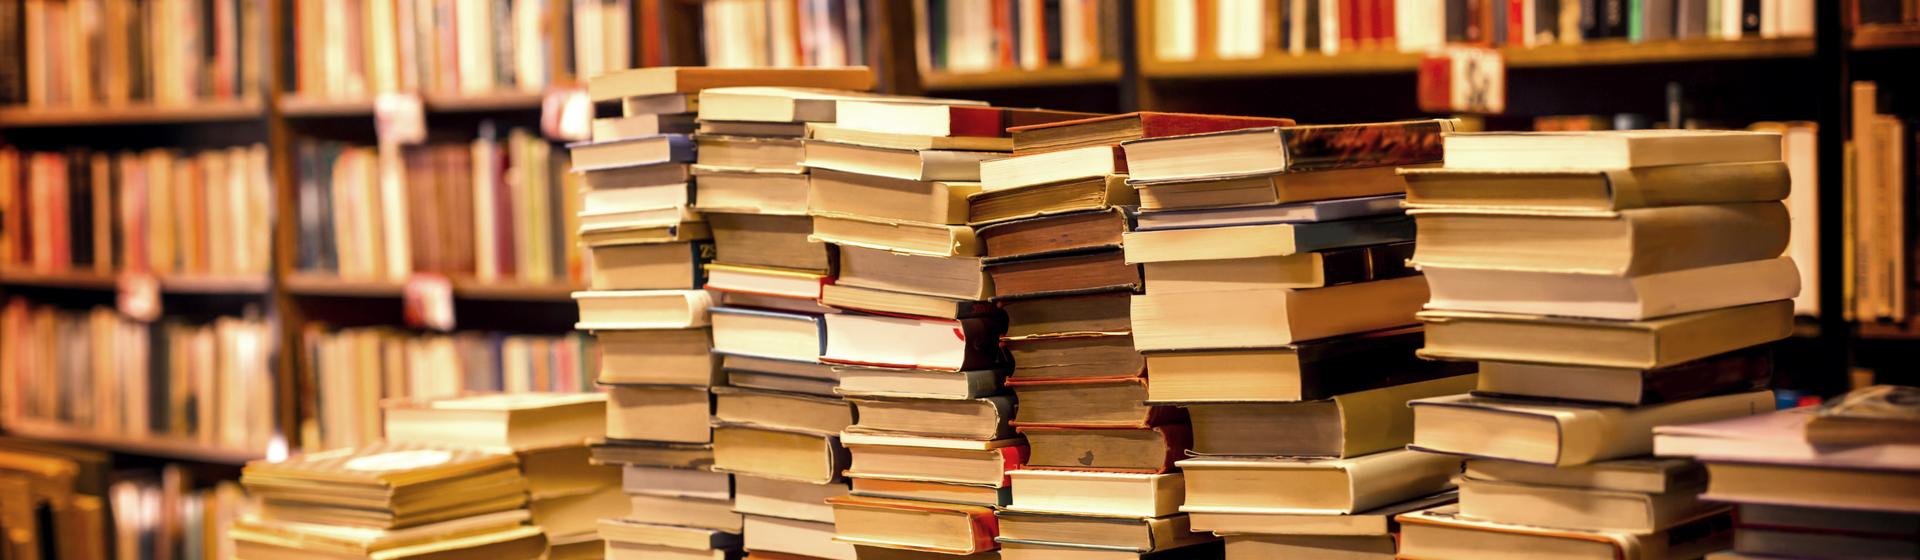 Melhores Livros 2020: veja 30 títulos de diferentes gêneros